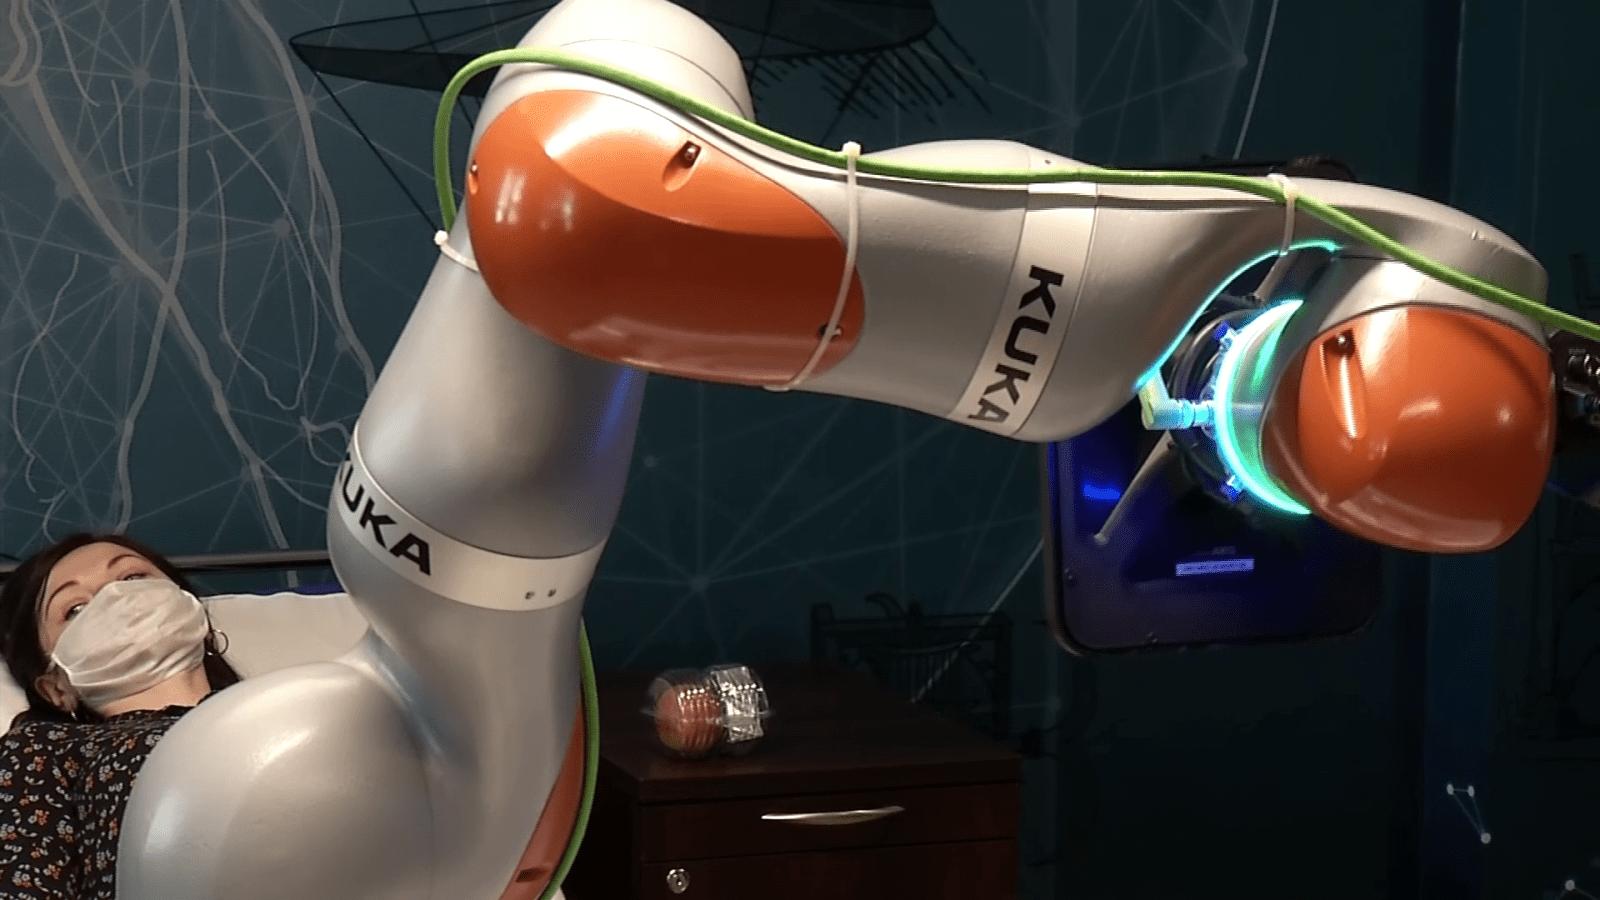 Roboty pomogą osobom niepełnosprawnym w codziennym życiu. Wspomagane sztuczną inteligencją będą mogły nawet je karmić